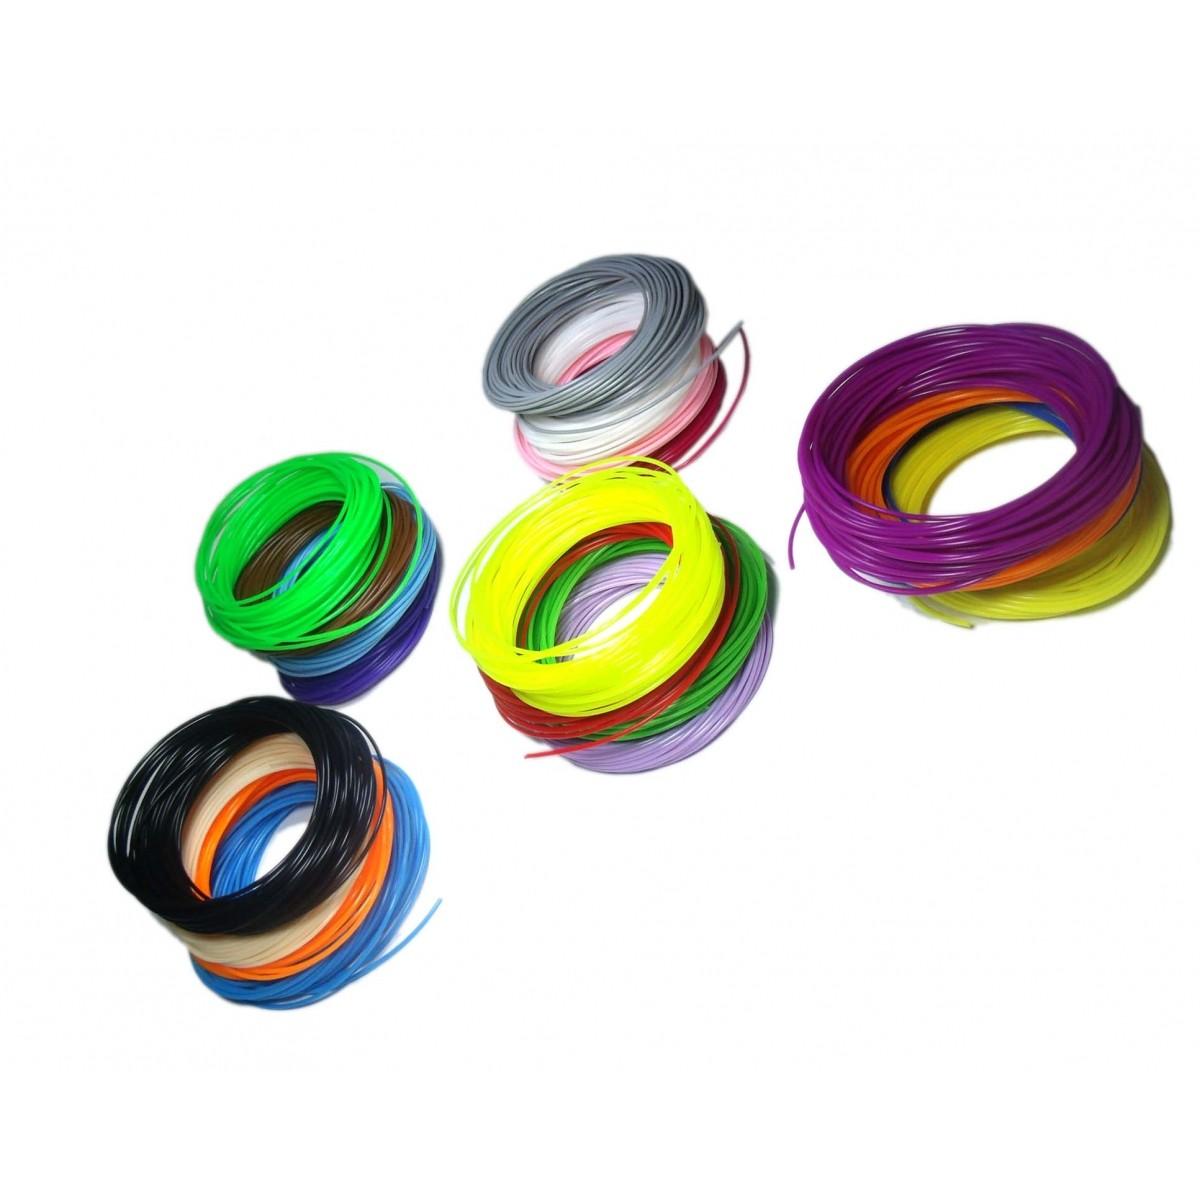 Filamento Para Caneta 3d e Impressora Pla Suprimento Material Carga Rolo 10m Refil Espessura 1.75mm Kit 20 Unid (BSL-HEL-7)